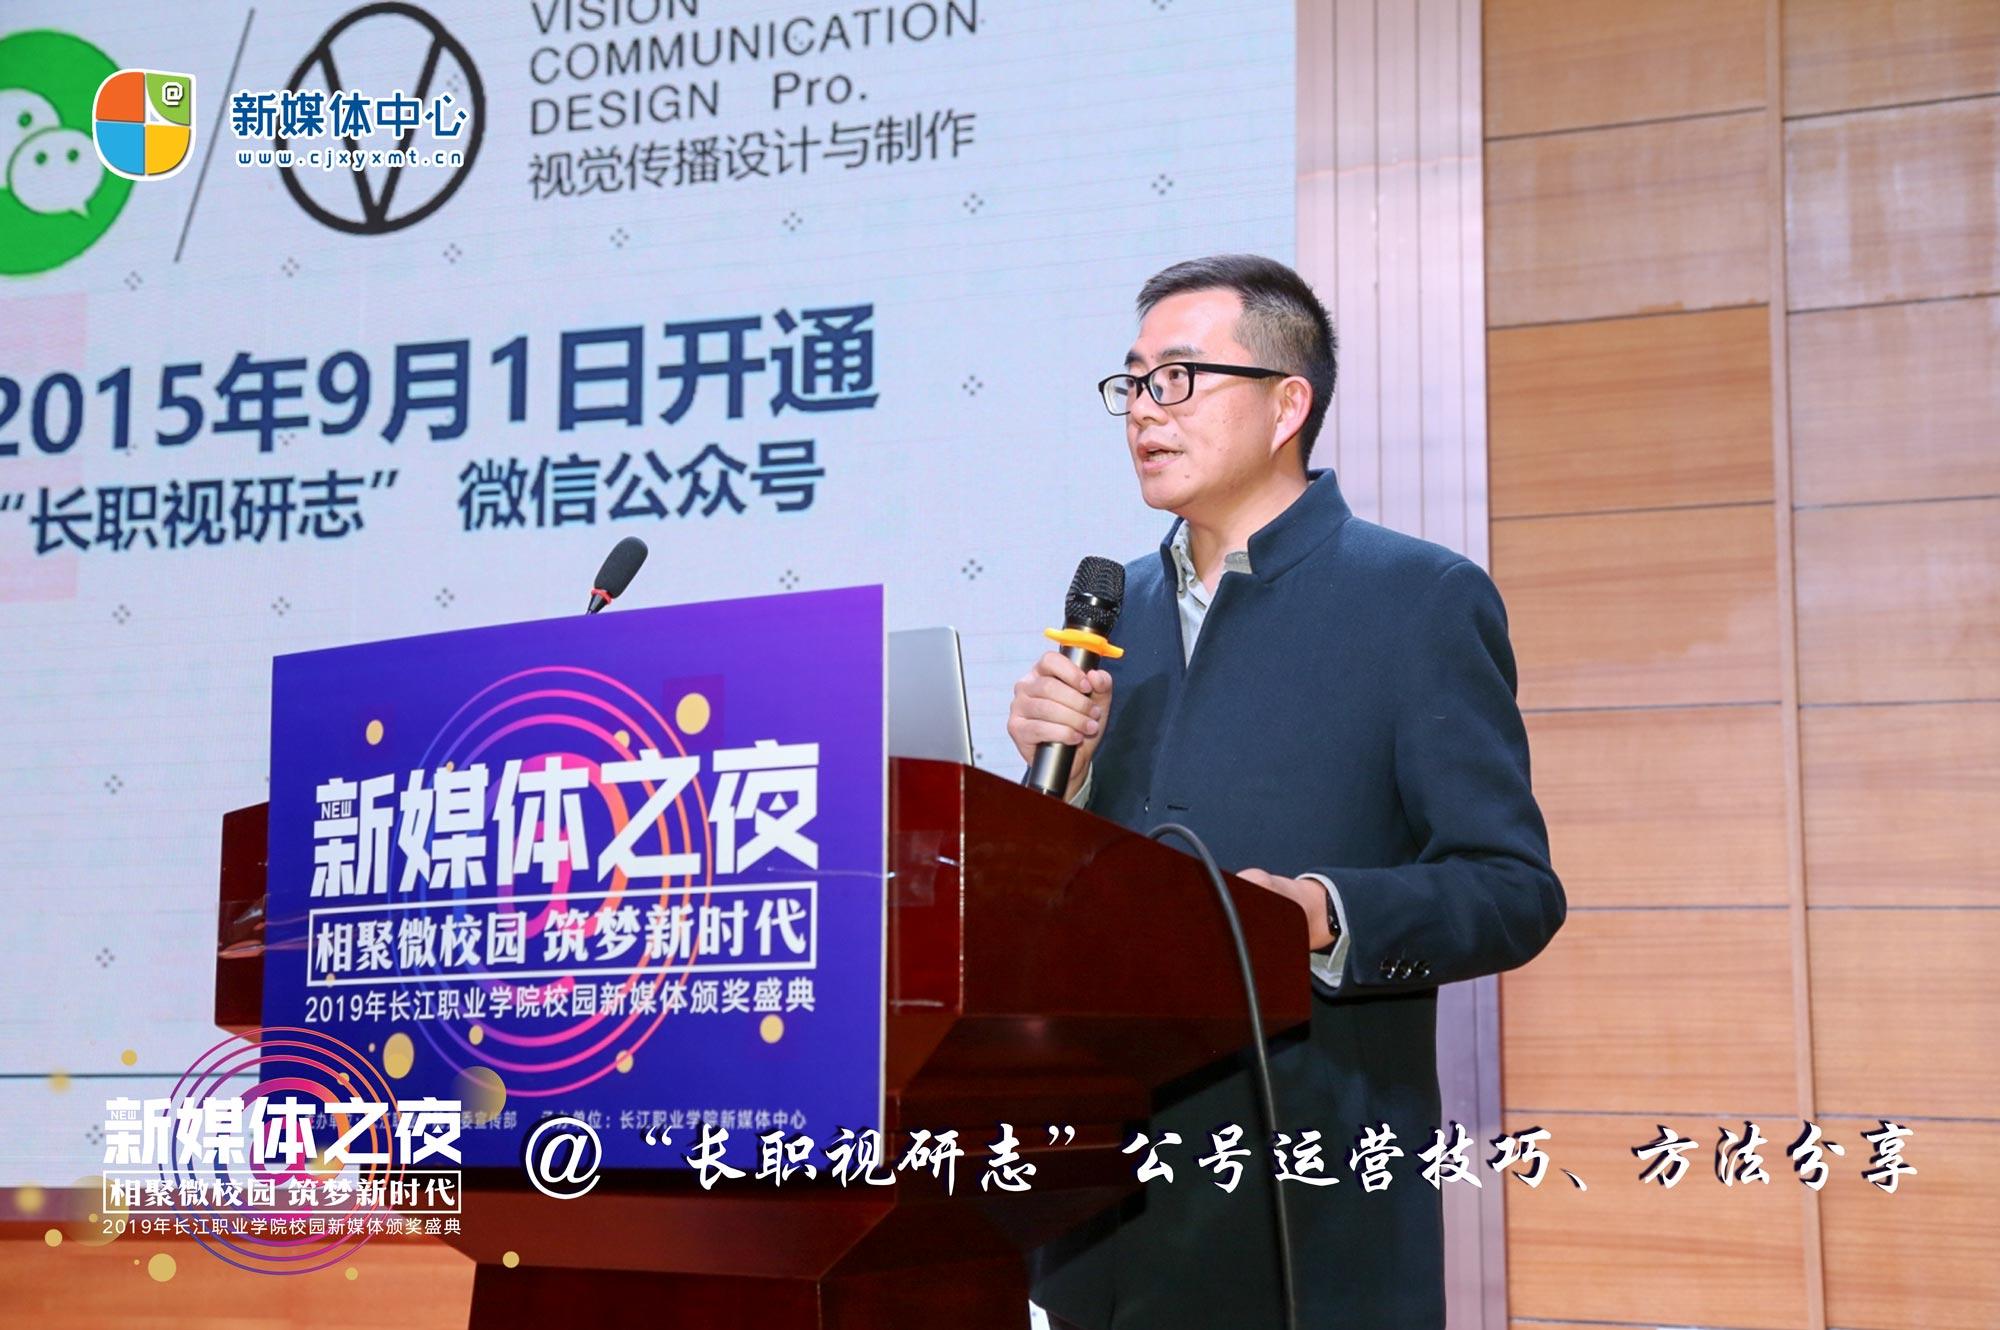 流程14  分享长职视研志公众号运营分享: 陈逢华(老师)